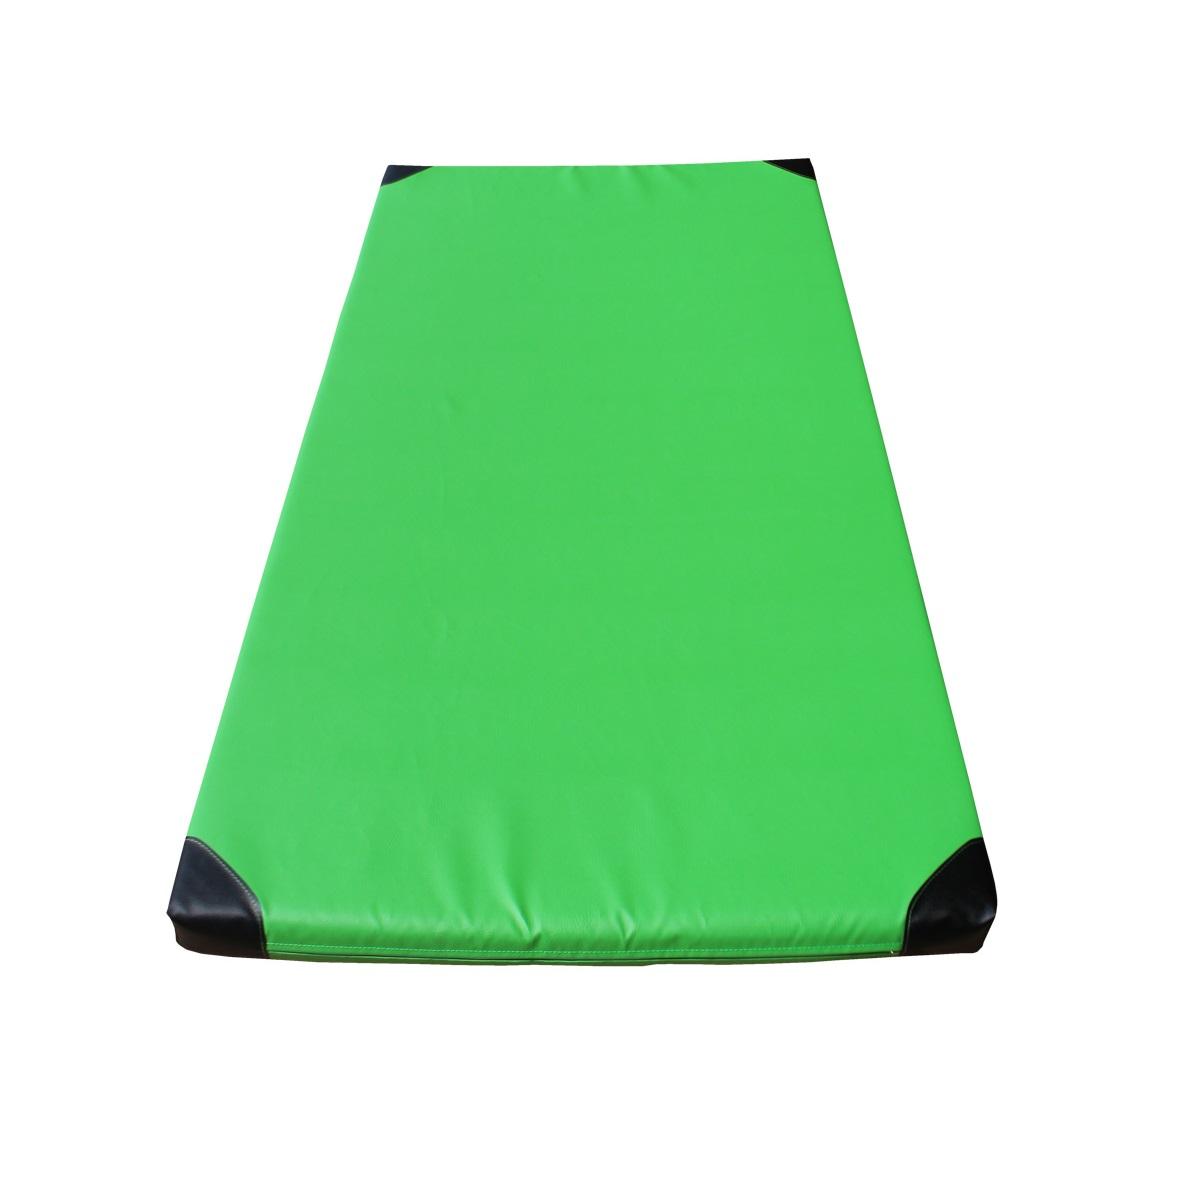 Žinenka MASTER Comfort Line T25 - 200 x 100 x 8 cm - zelená